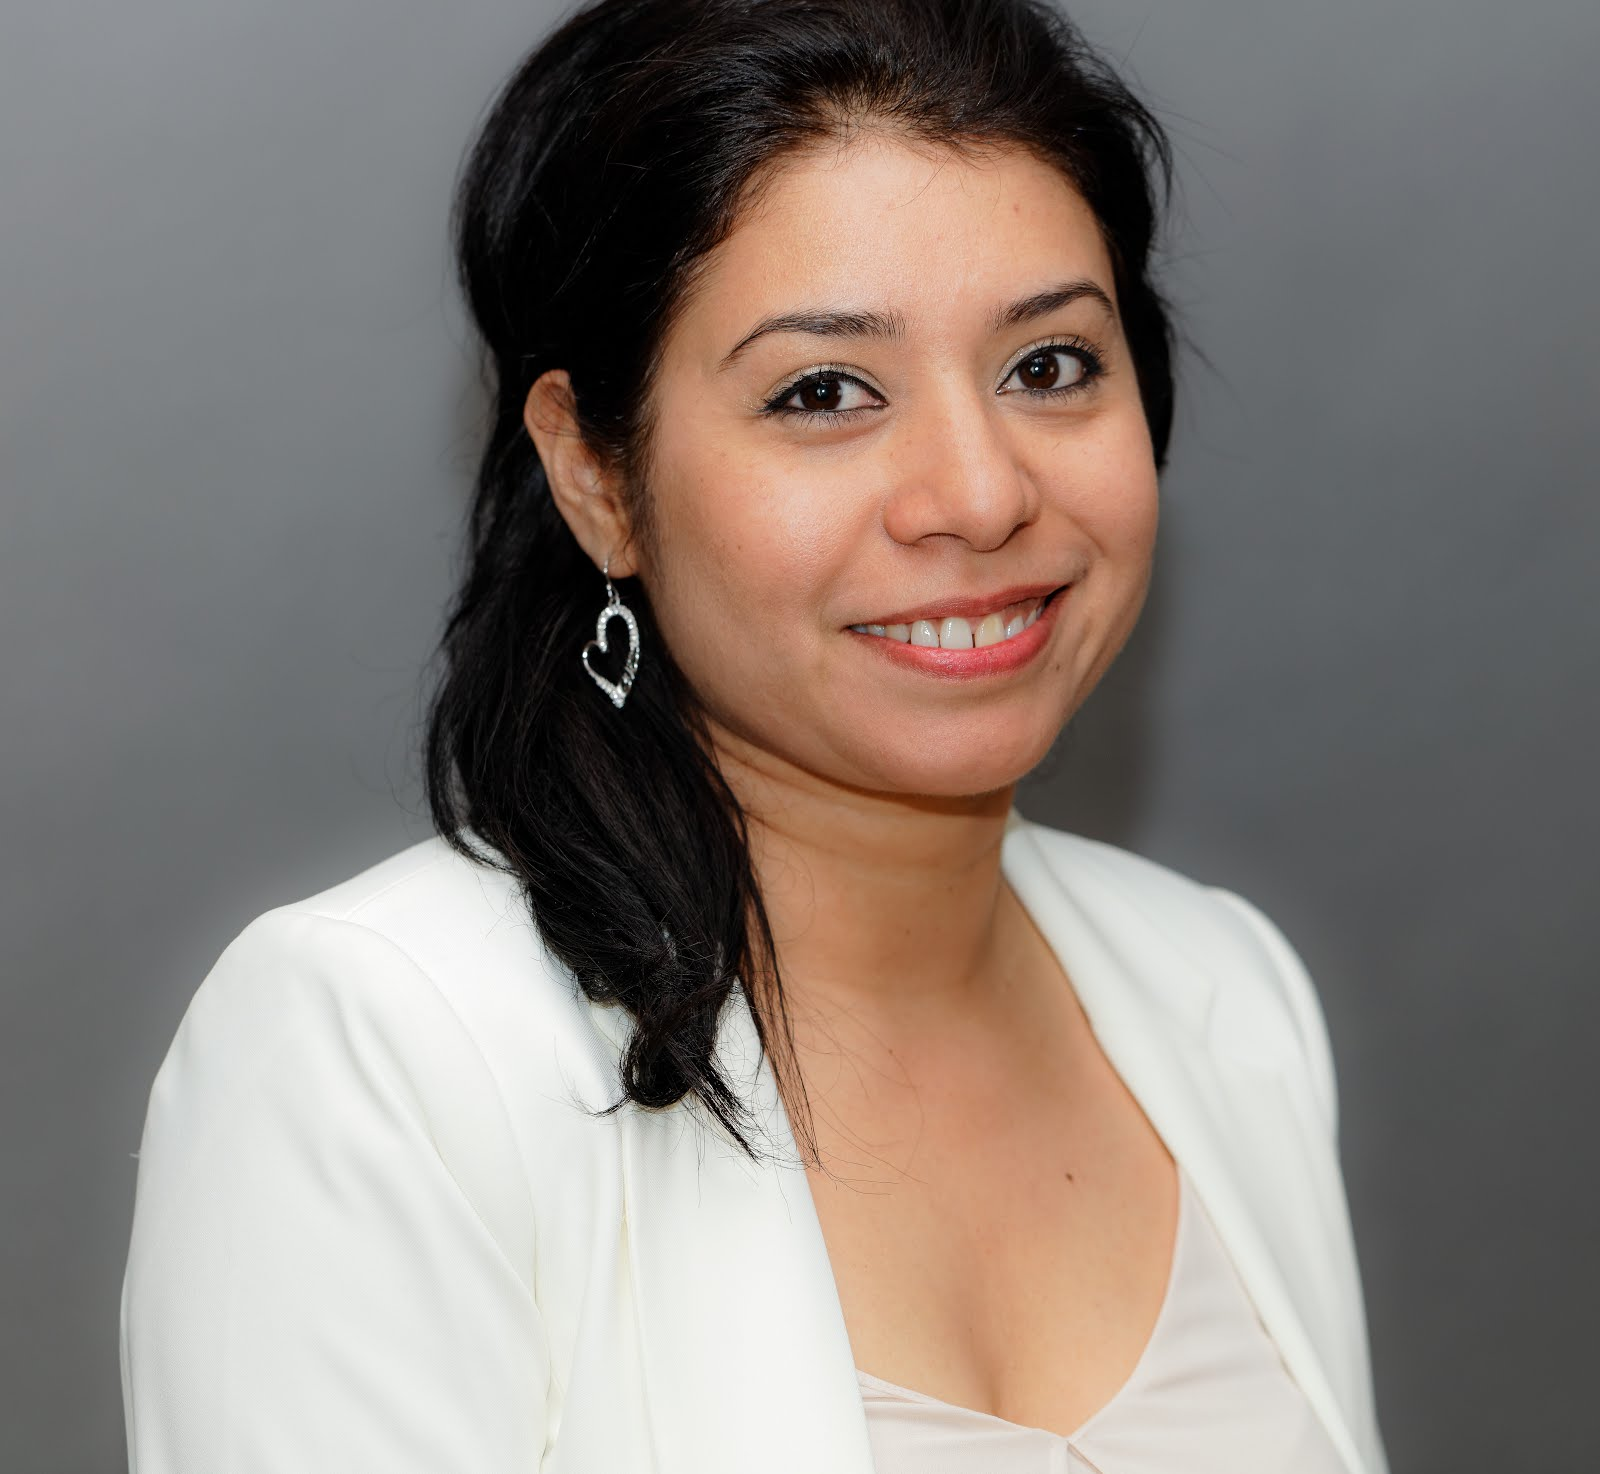 Carla Boniface